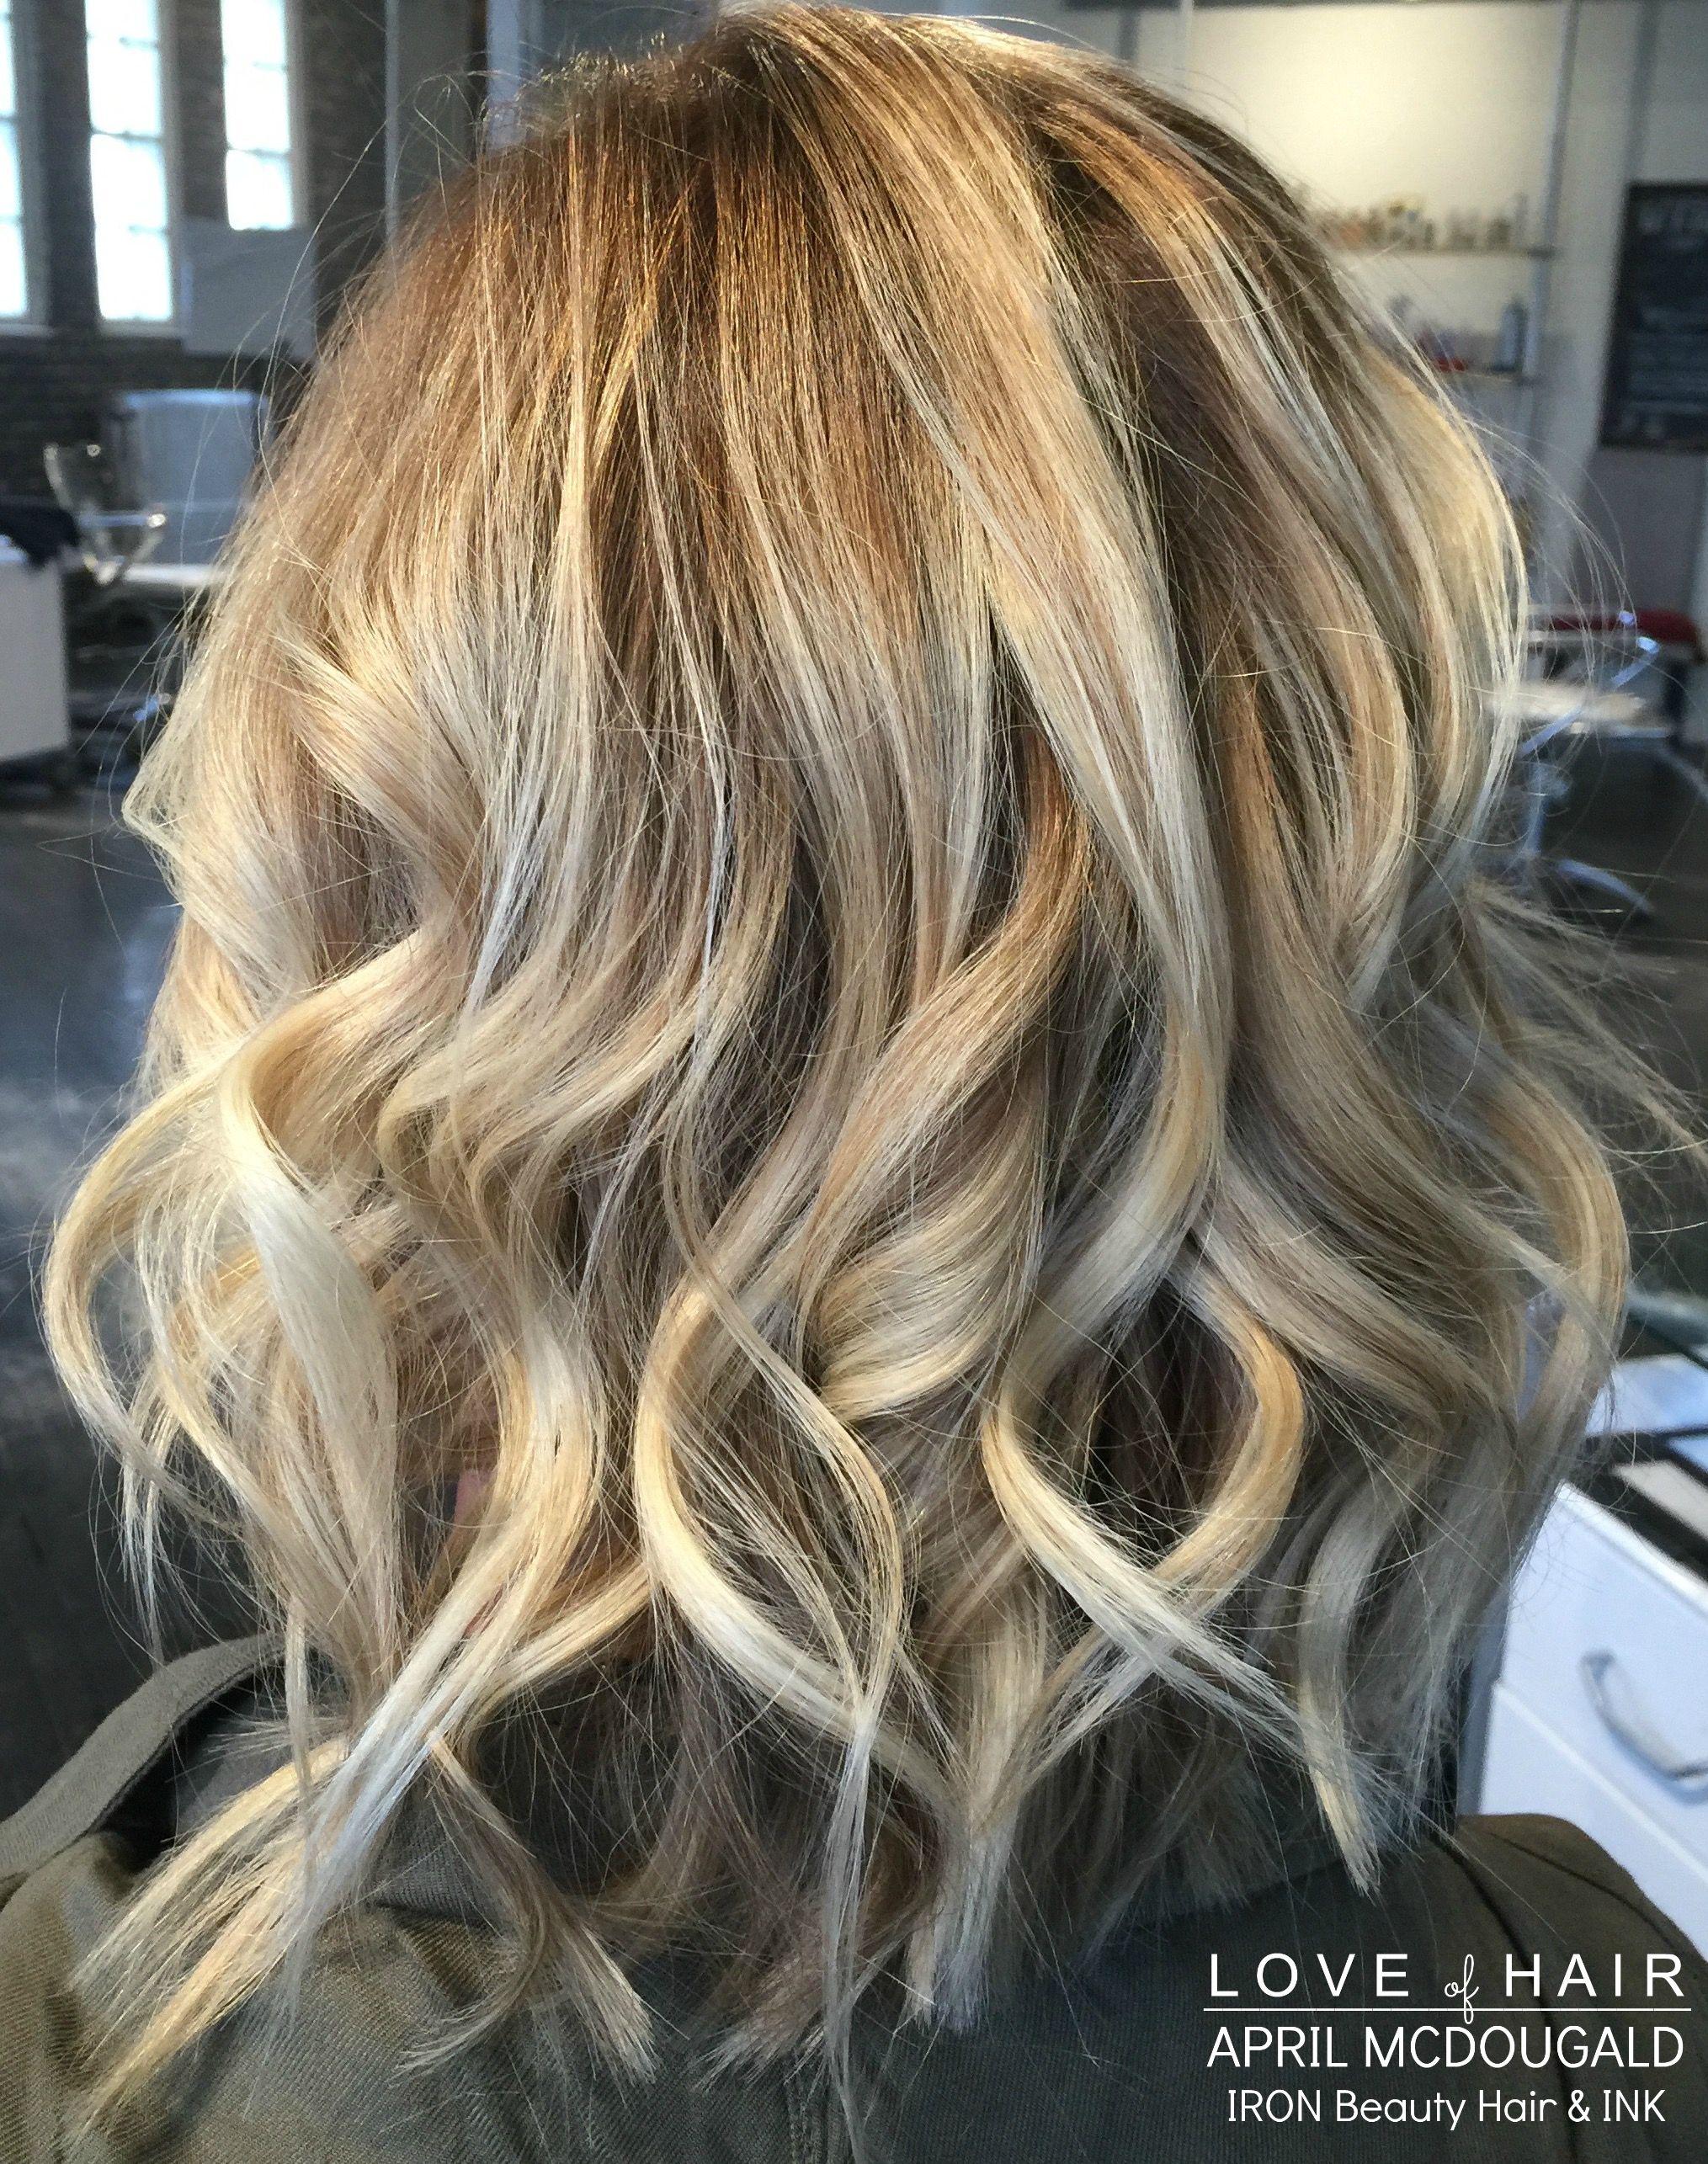 Blonde Hair, Curls, LOB, pretty hair, balayge, highlights, hair